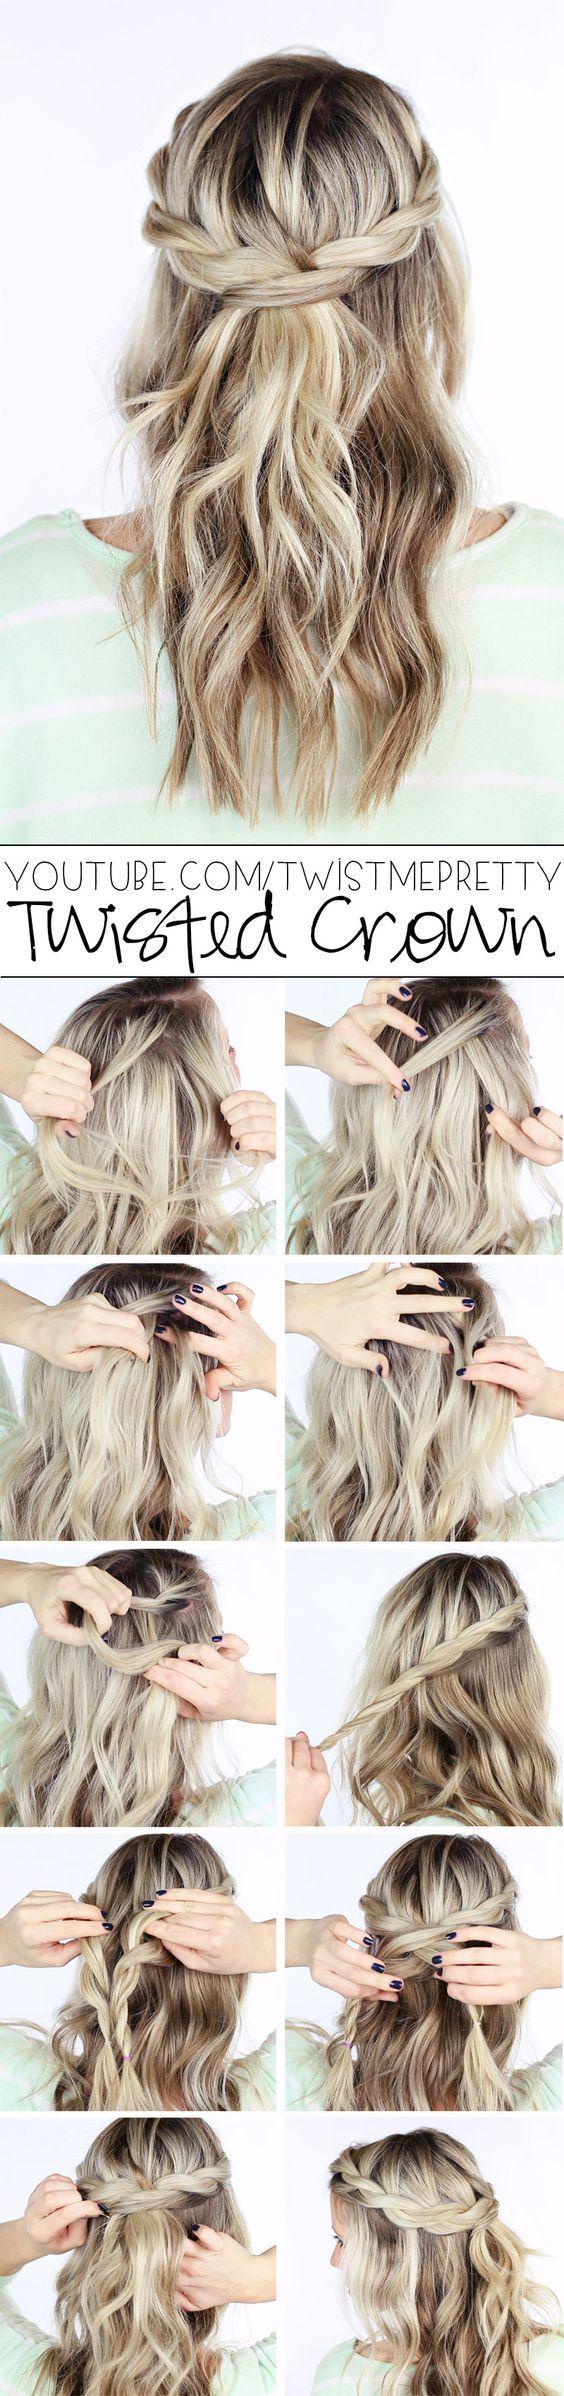 15 Jugendweihe Frisuren Mädchen Finden Sie Die Beste Frisur